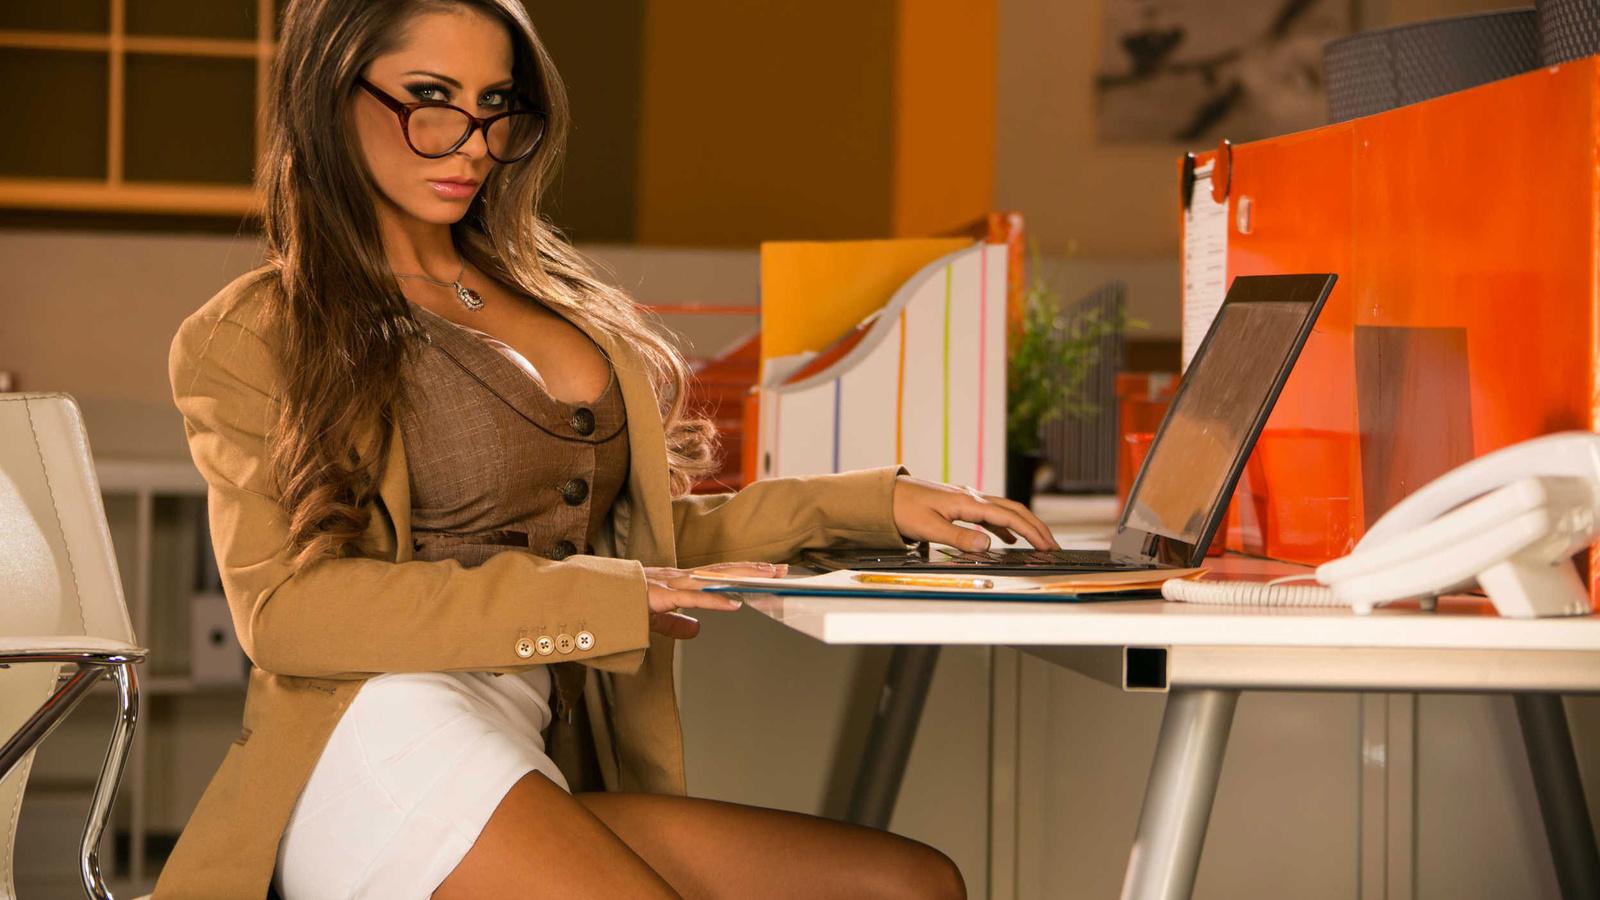 Секретарша в офисе фото 12 фотография